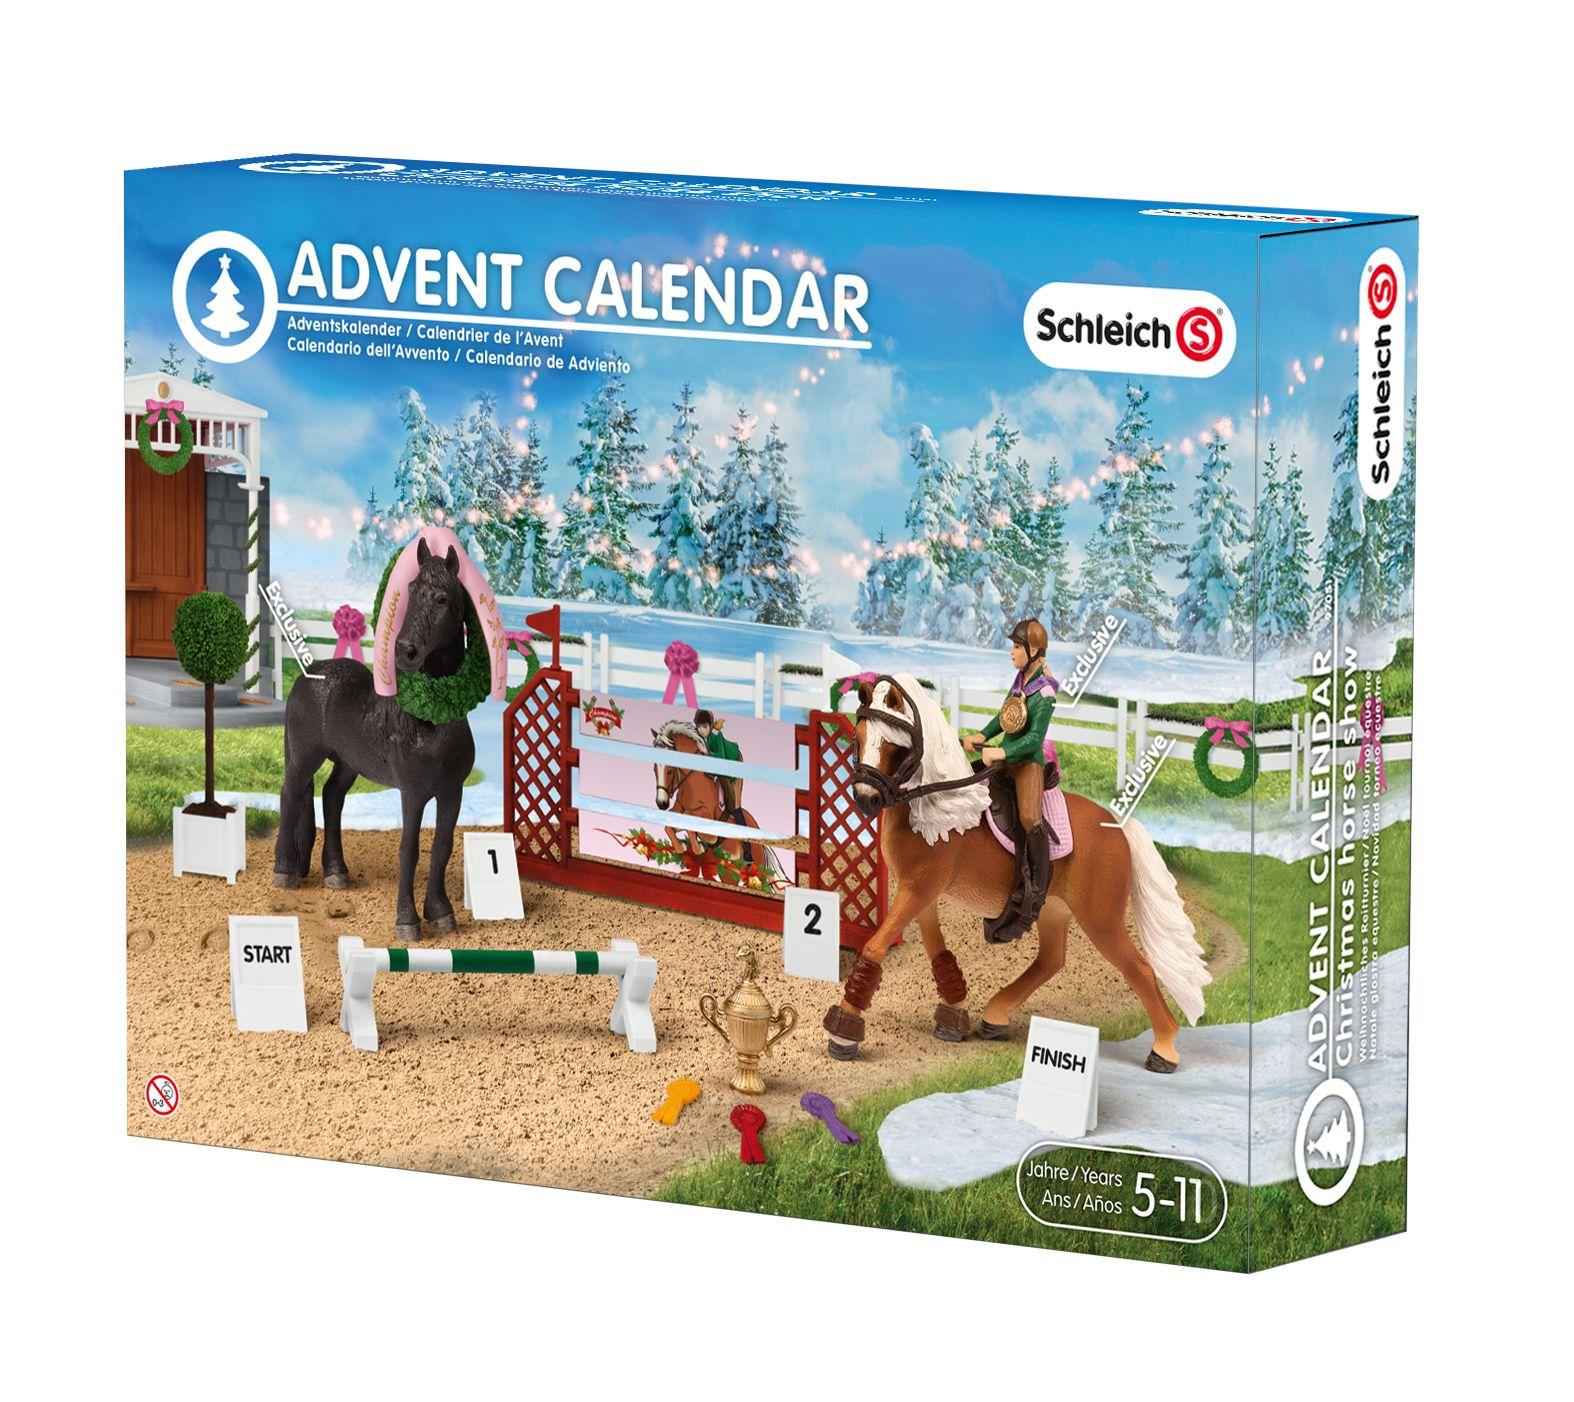 Weihnachtskalender Schleich Pferde.Schleich Adventskalender Pferde Spielzeug Adventskalender